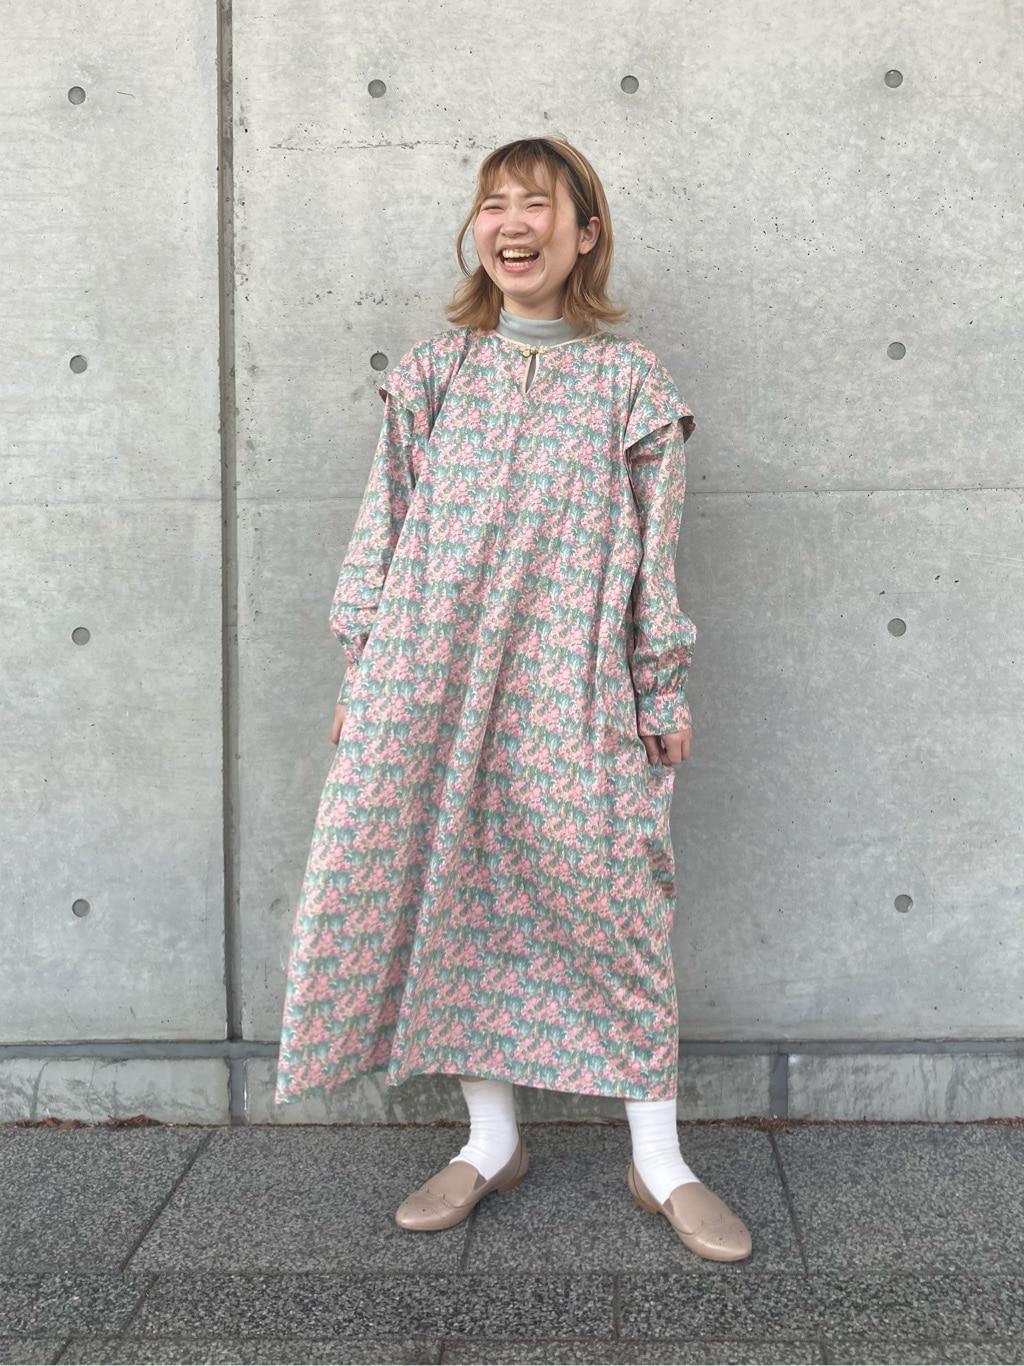 l'atelier du savon 東京スカイツリータウン・ソラマチ 身長:154cm 2021.04.22